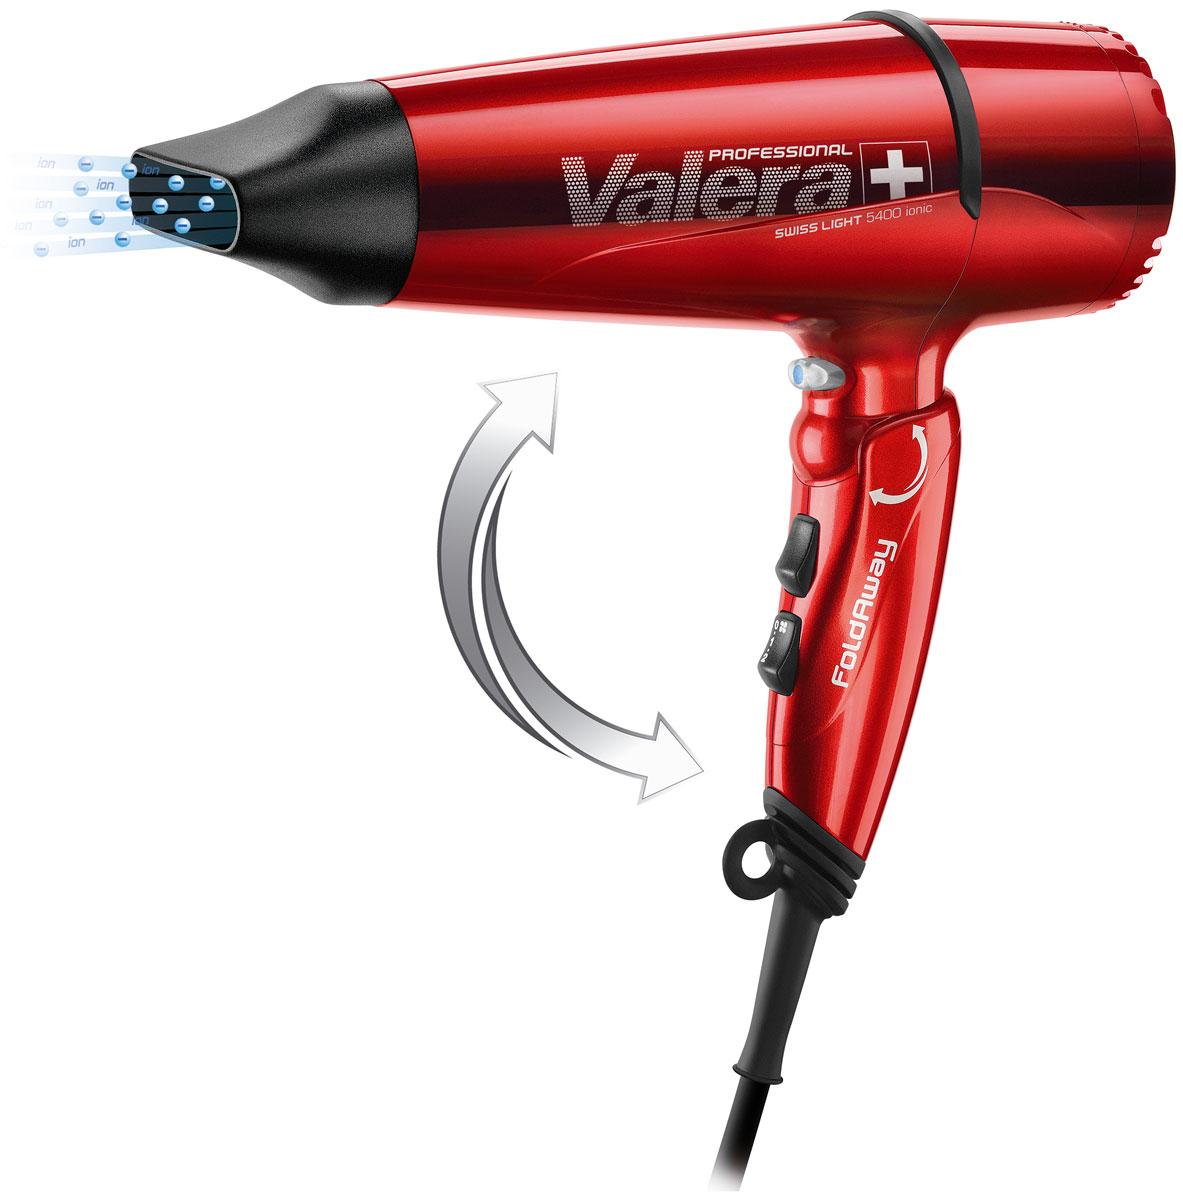 Valera SL 5400Е Swiss Light Fold Away Ionic, Red cкладной профессиональный фен